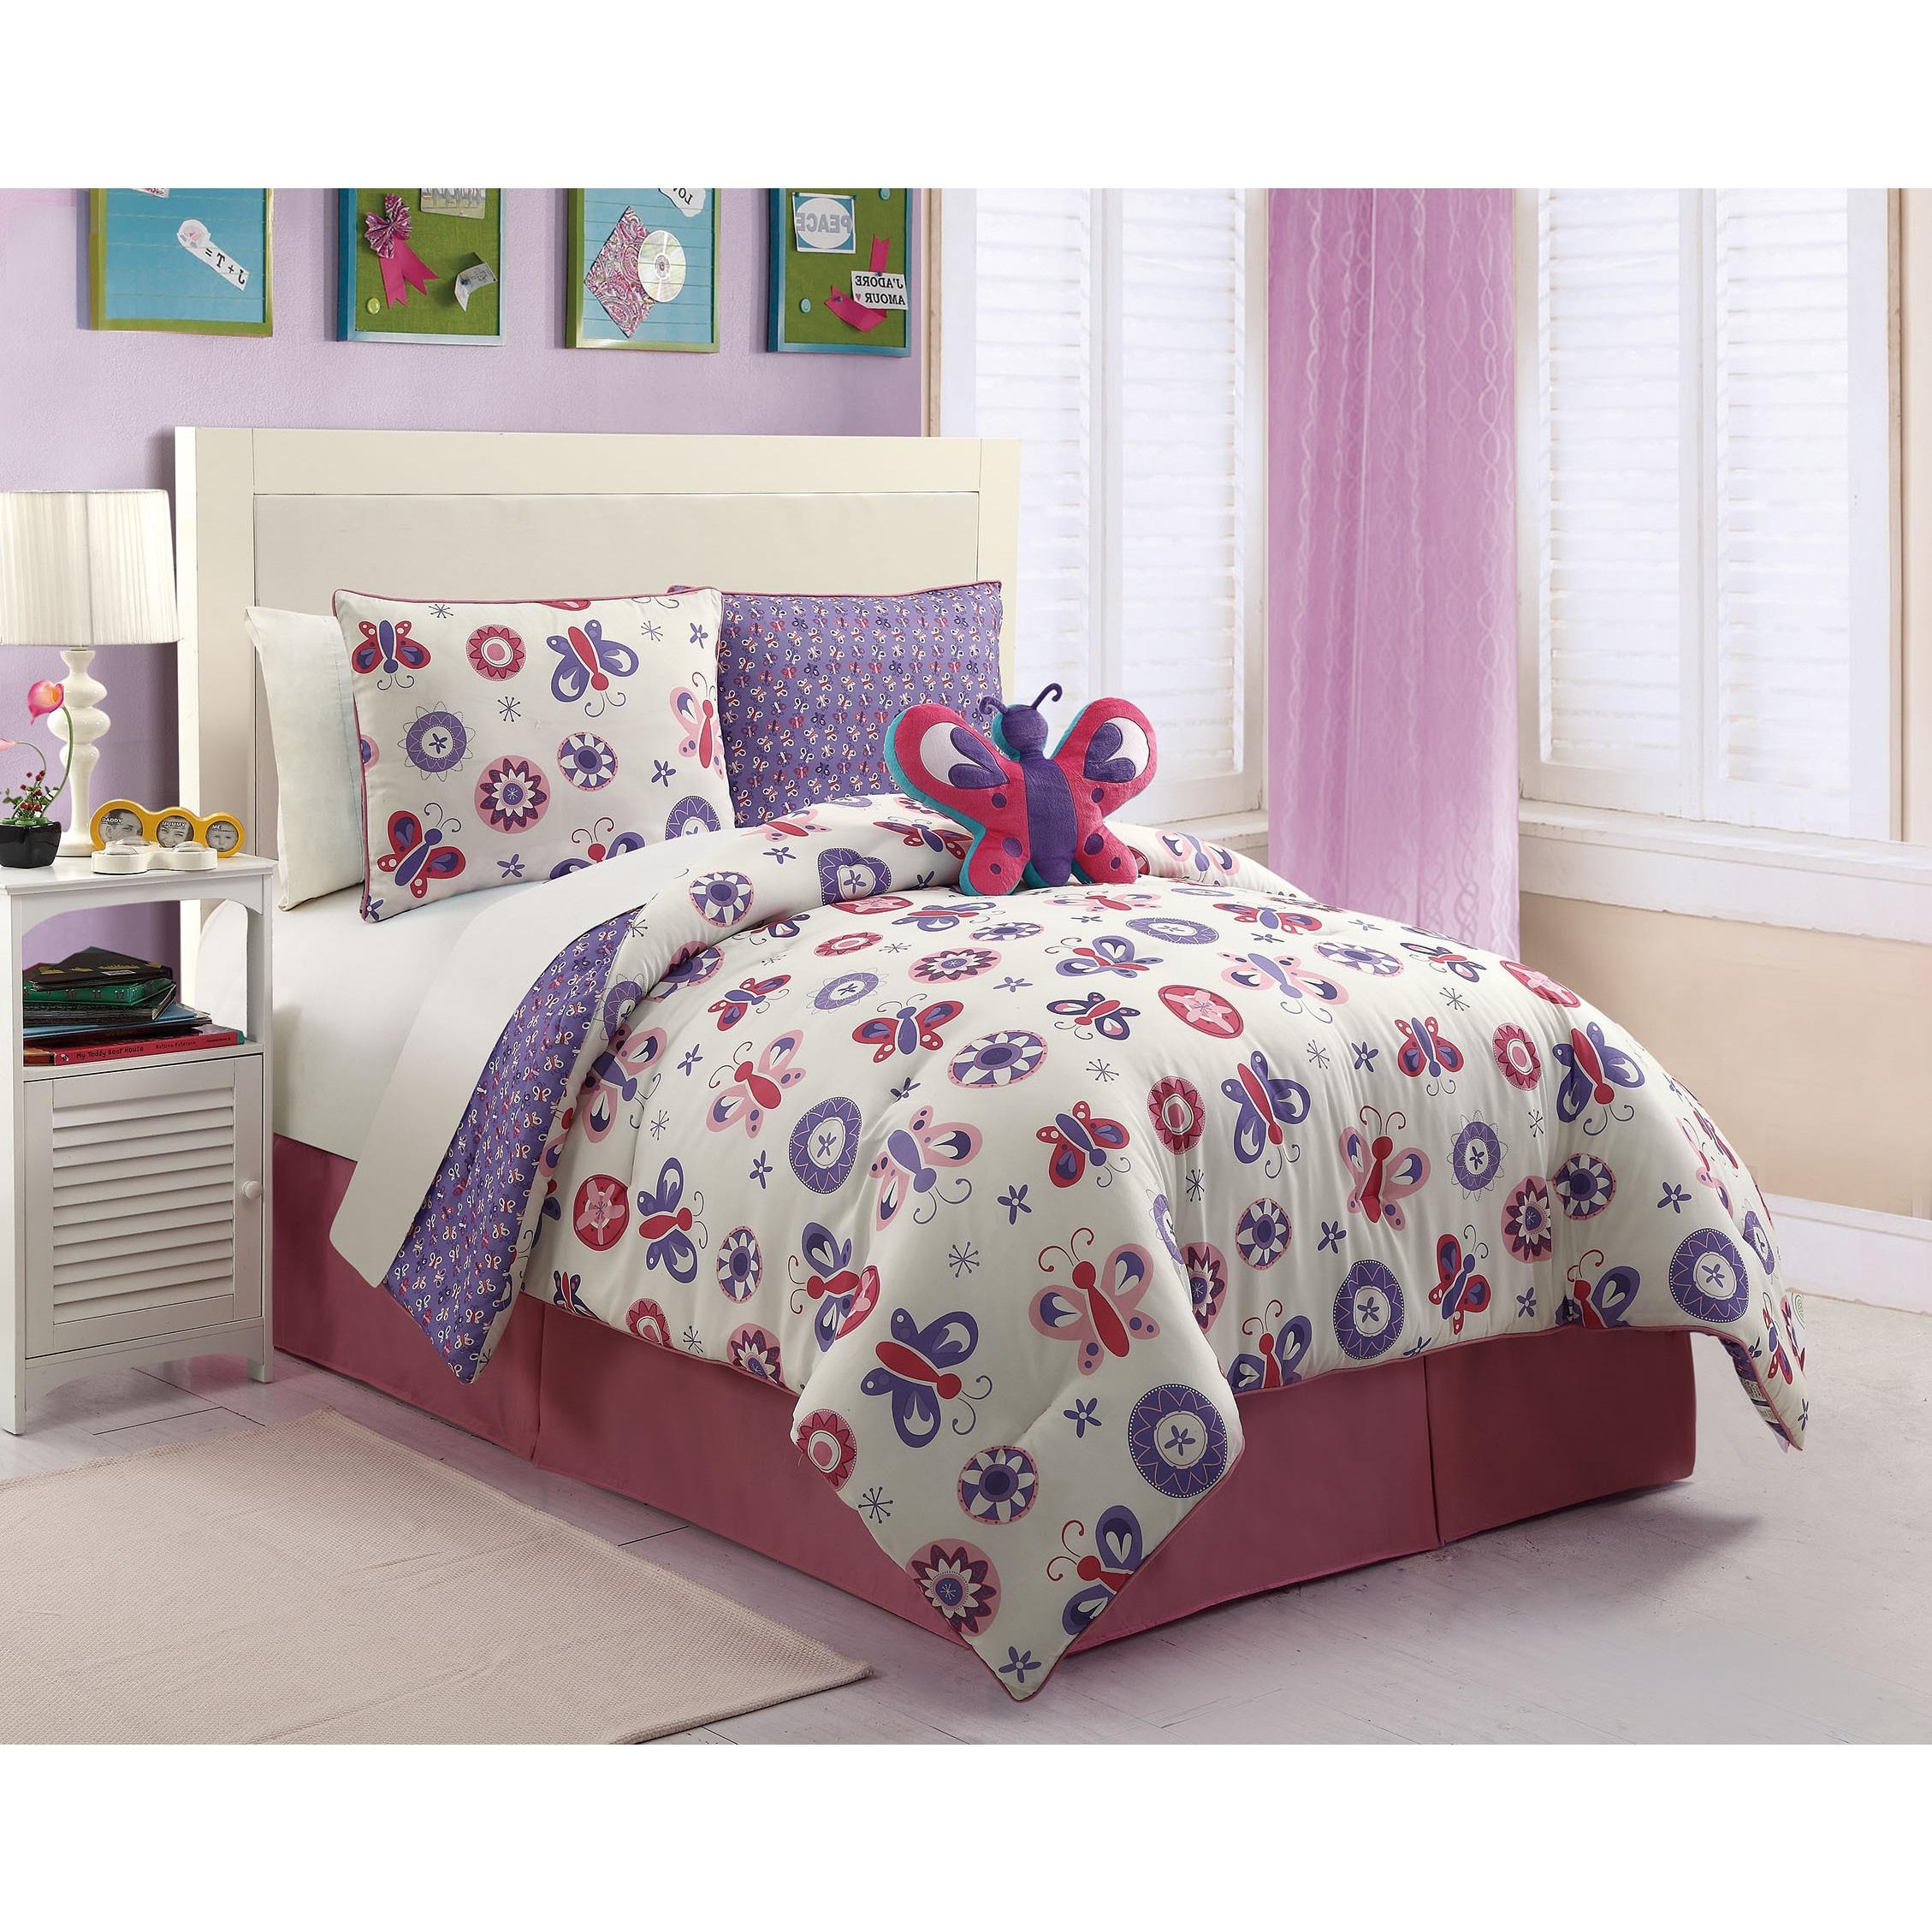 Vcny Butterfly Comforter Set (Butterfly - 4pc Rev Comfort...